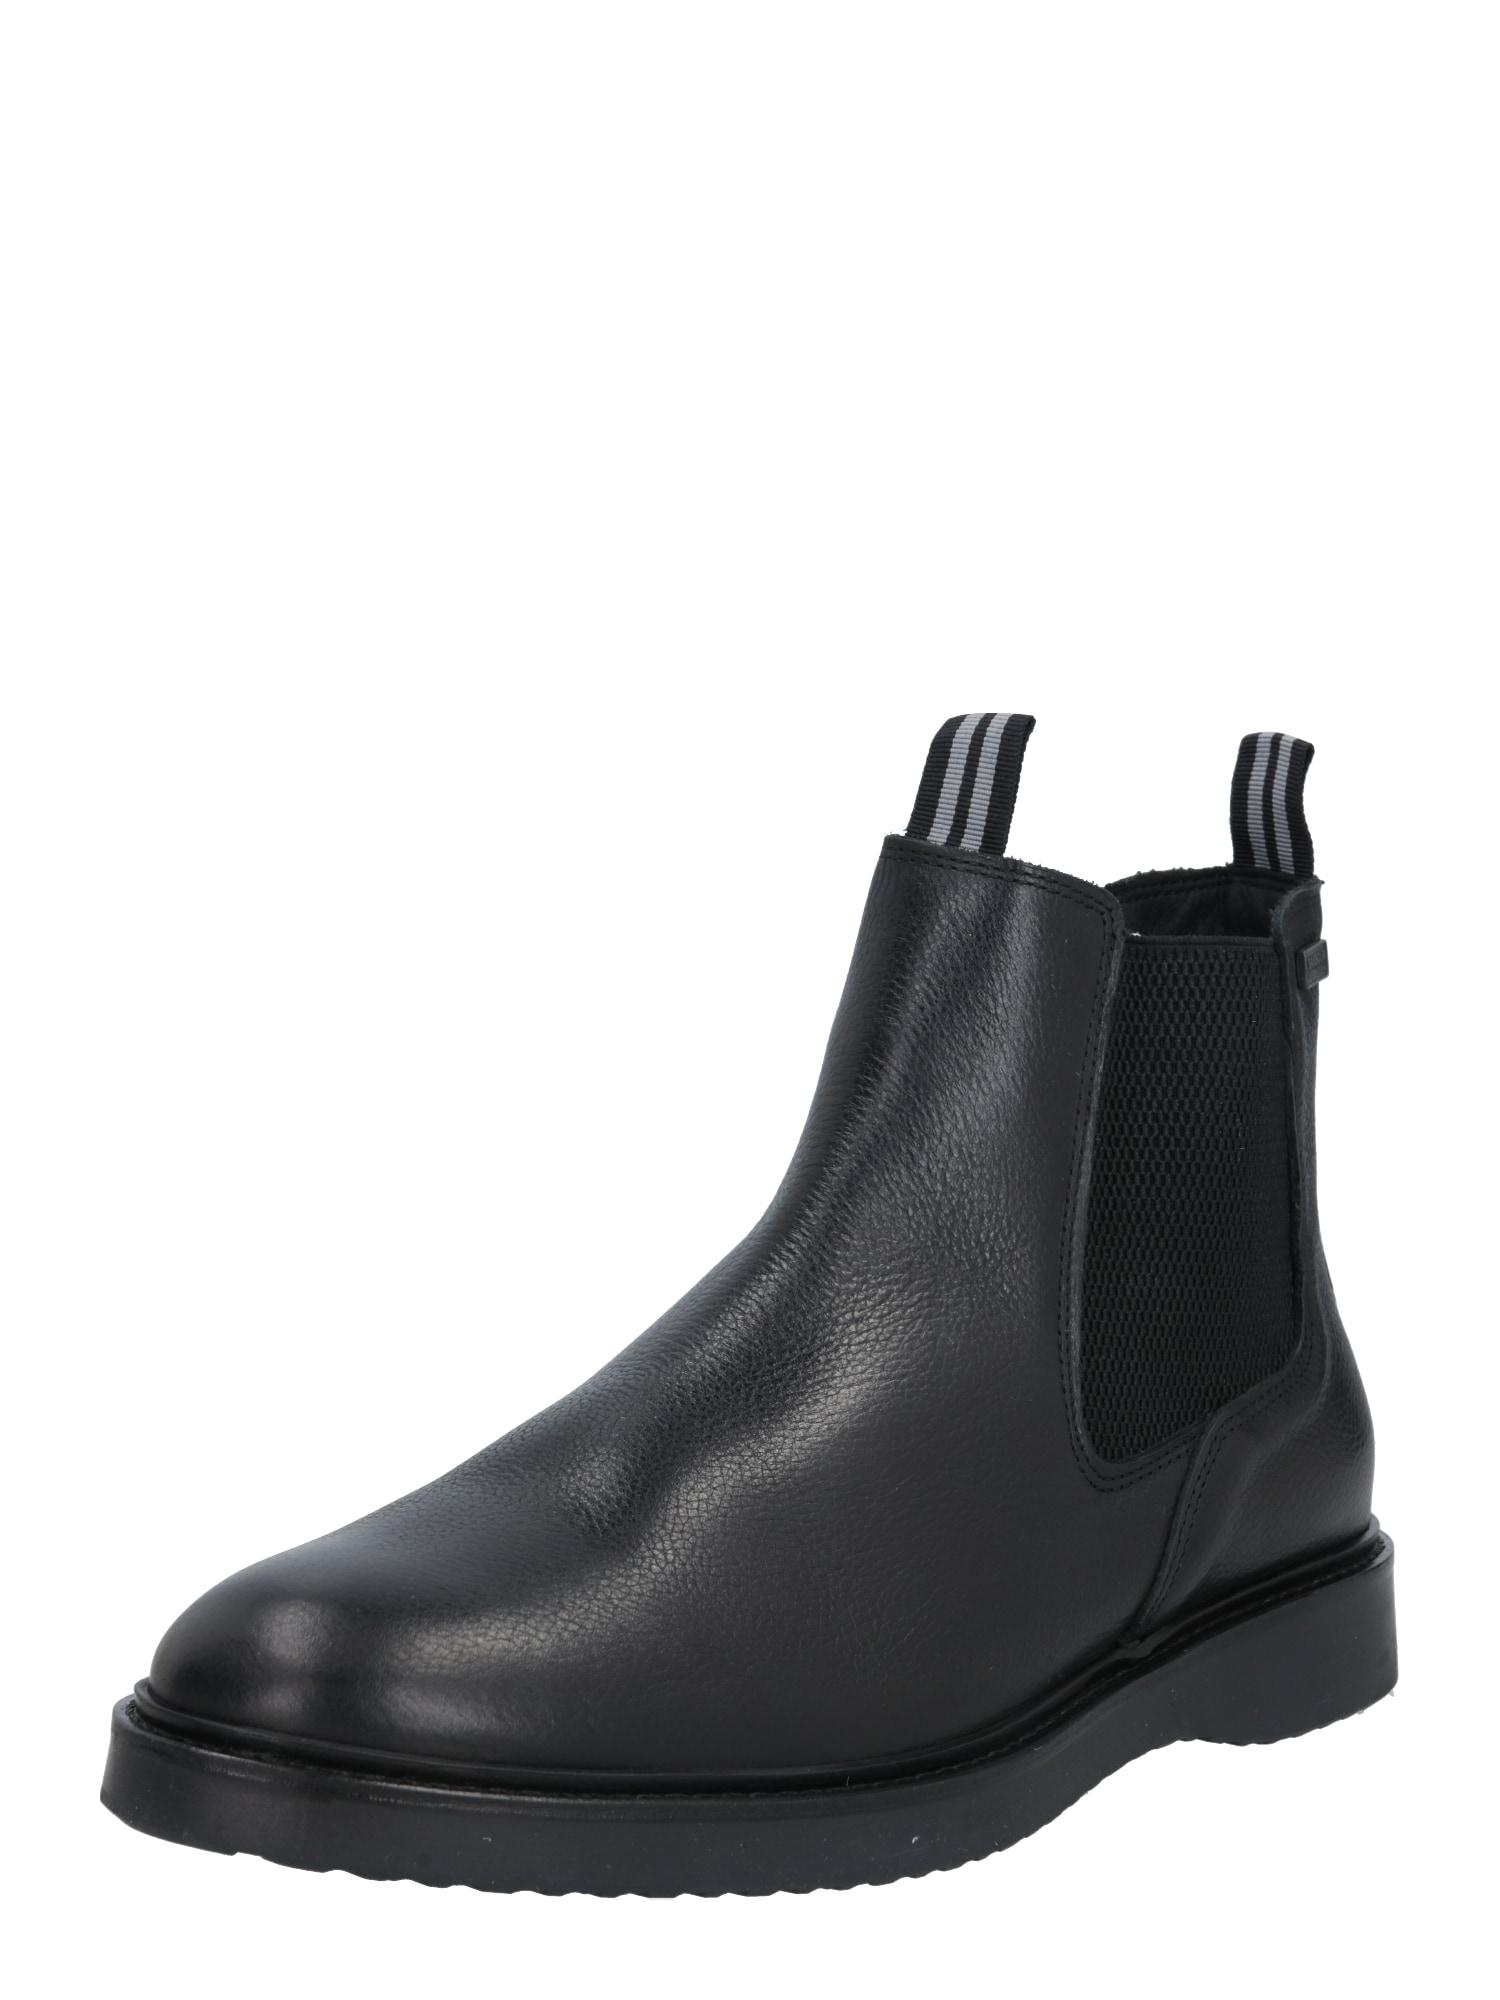 Barbour International Auliniai batai su kulniuku 'Crank' juoda